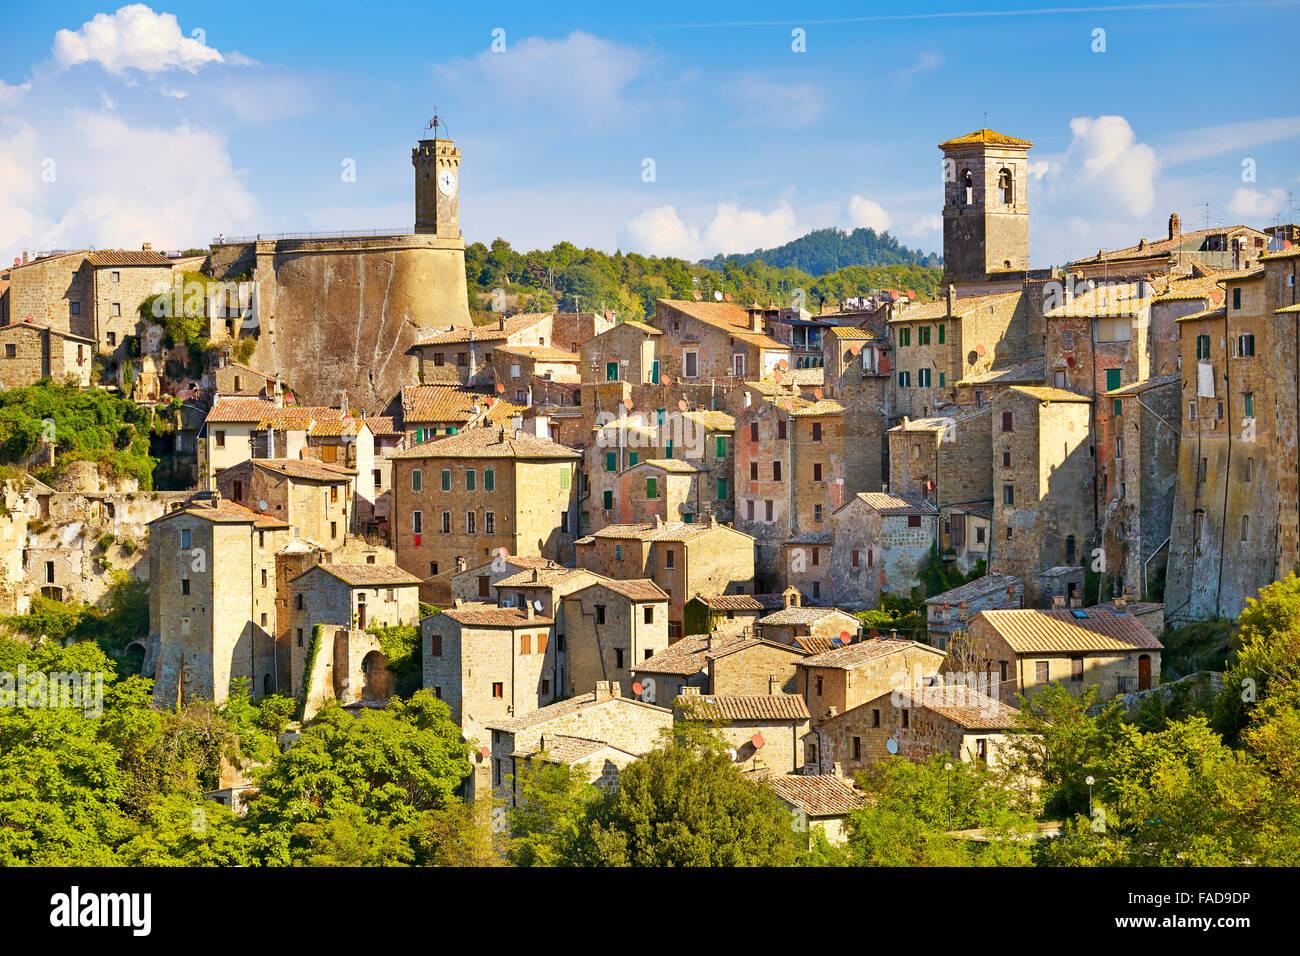 Cityscape of Sorano old town, Tuscany, Italy - Stock Image